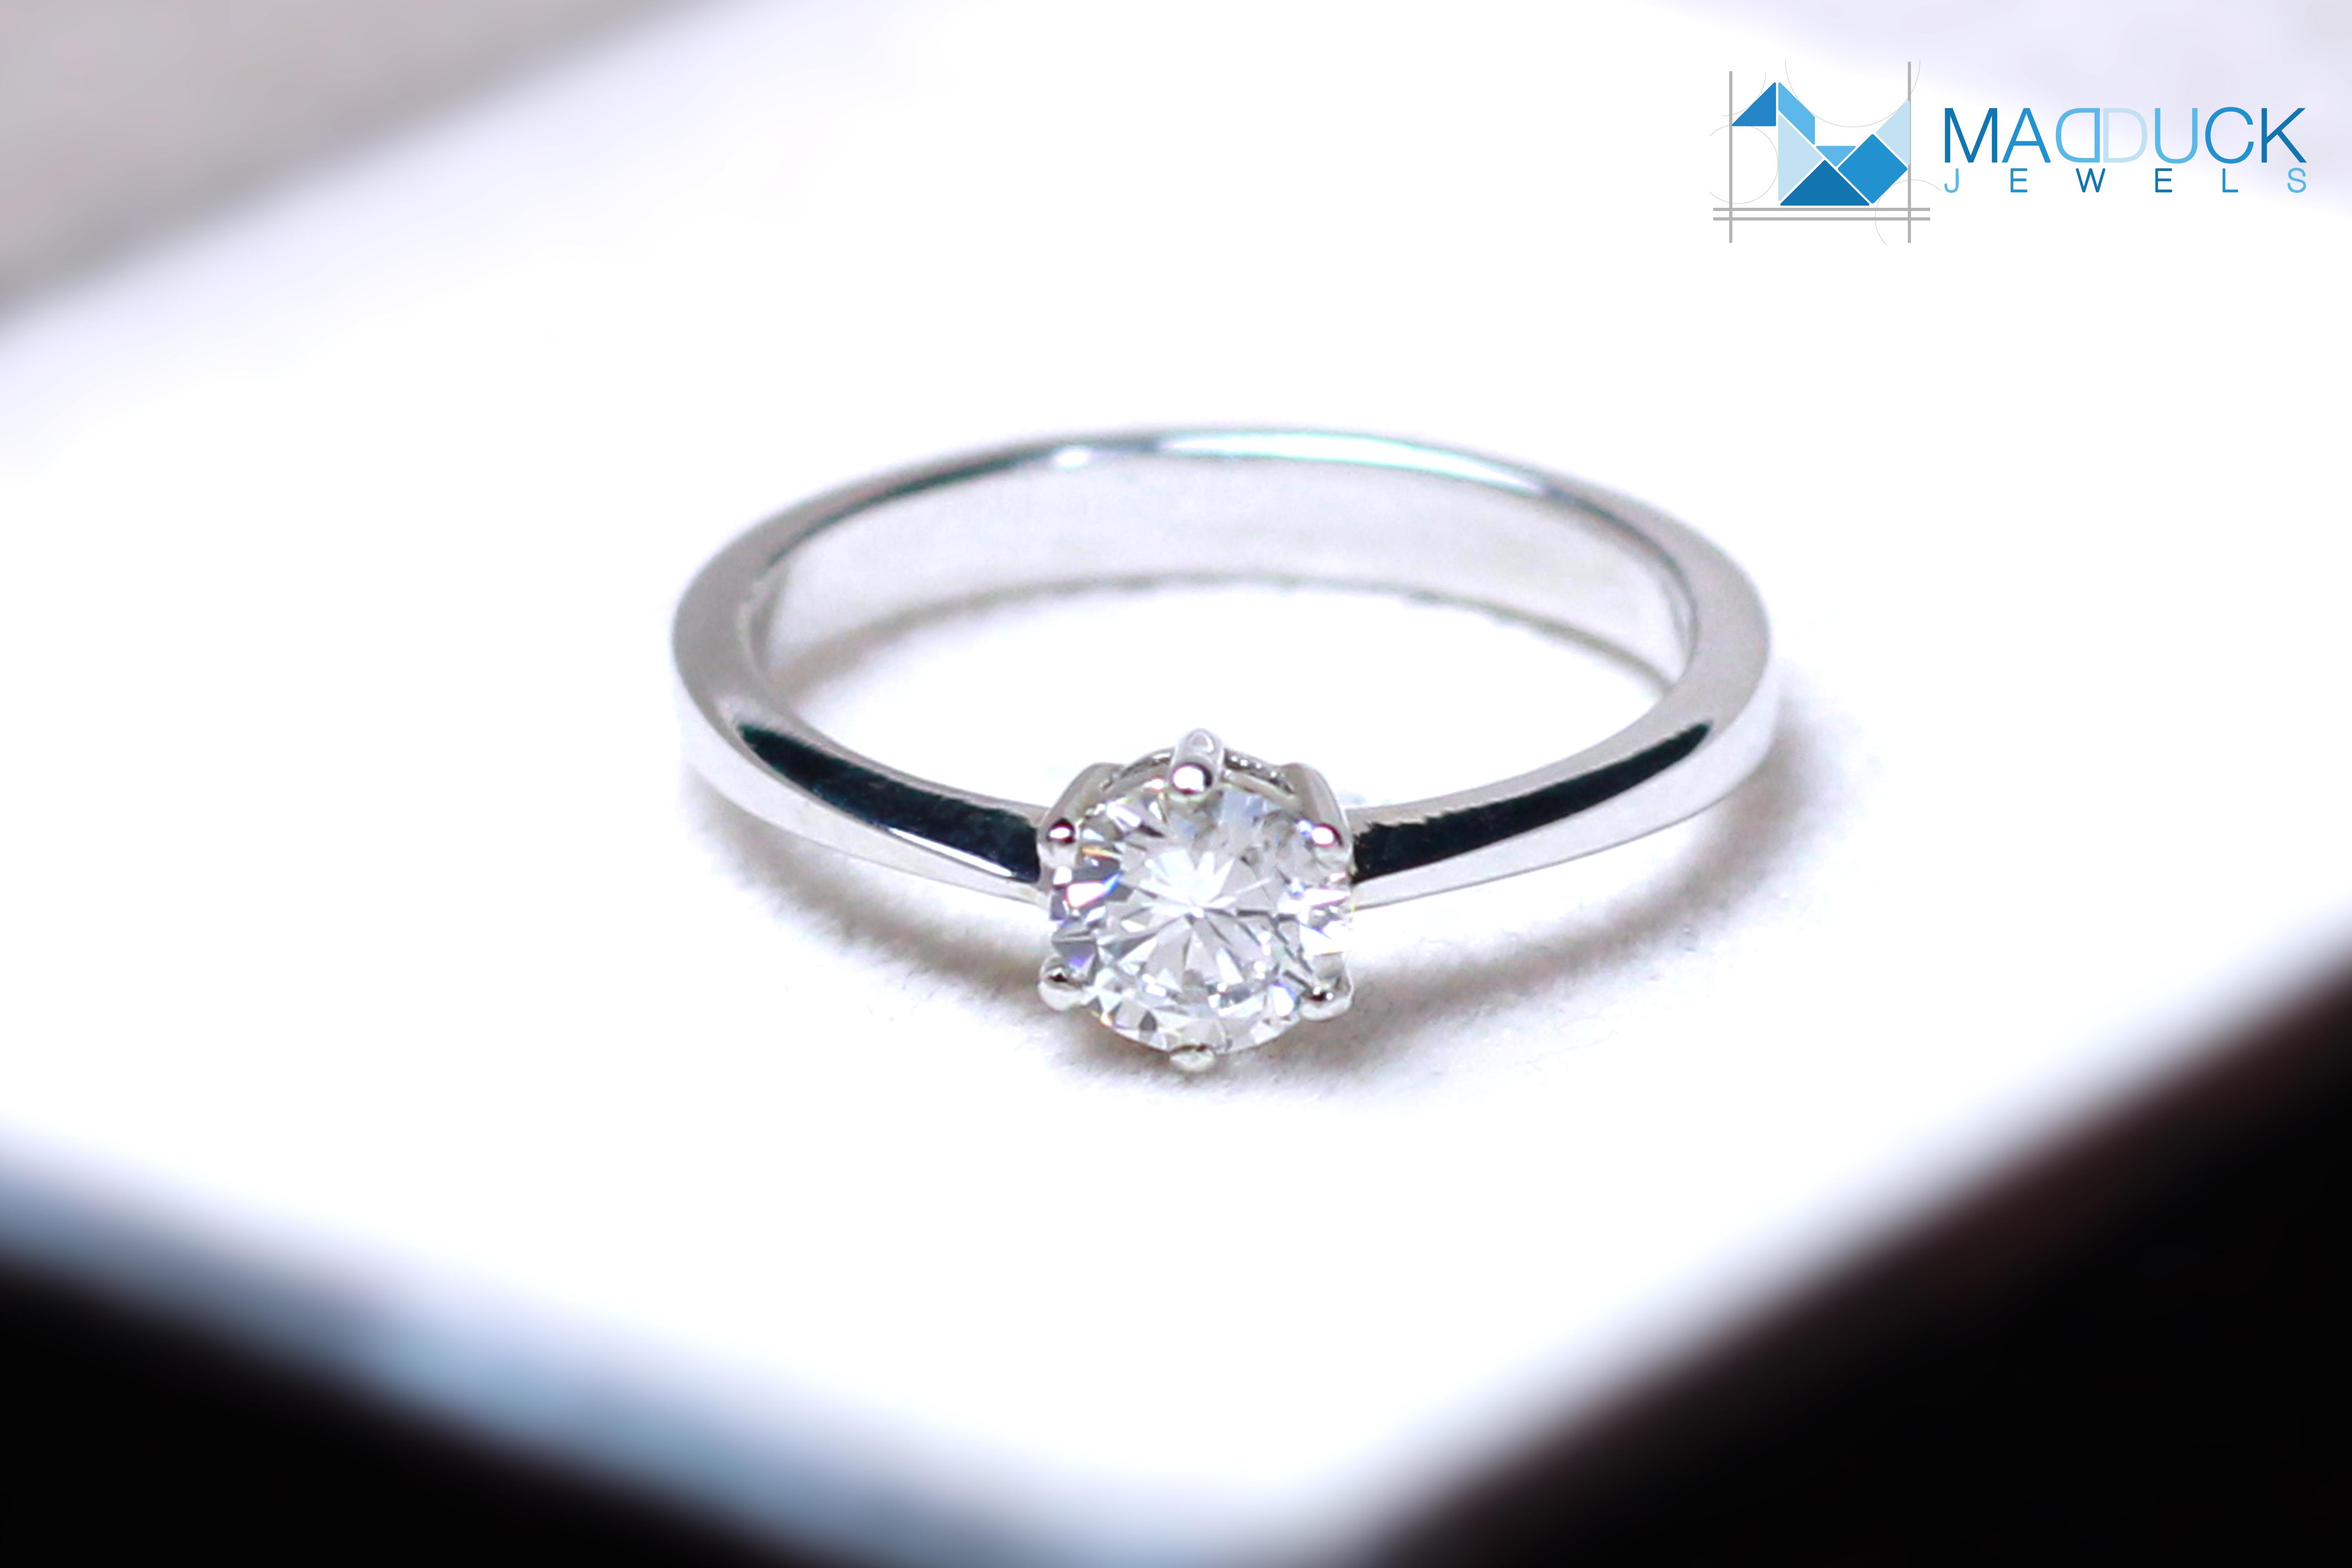 แหวนเงินแท้ เพชรสังเคราะห์ ชุบทองคำขาว รุ่น RG1505 0.50 Carat